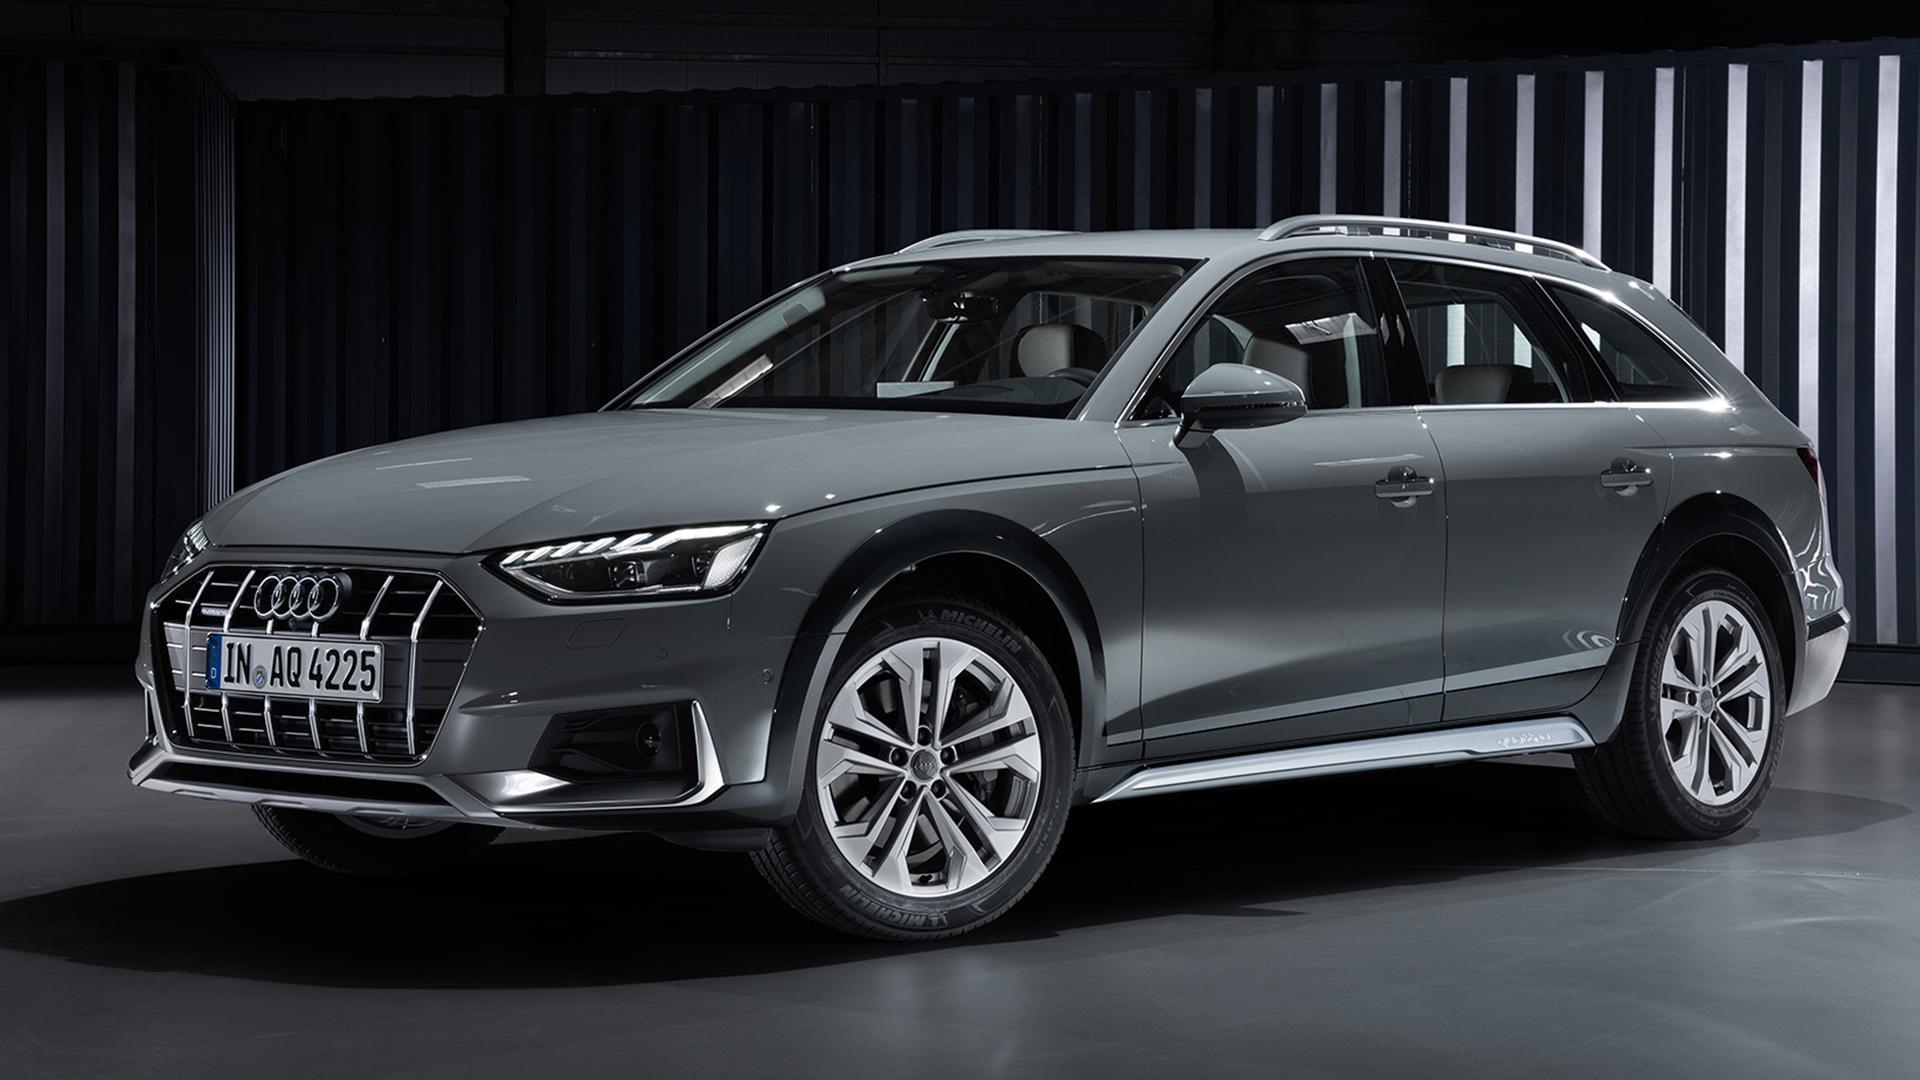 Audi A4 Allroad 2019